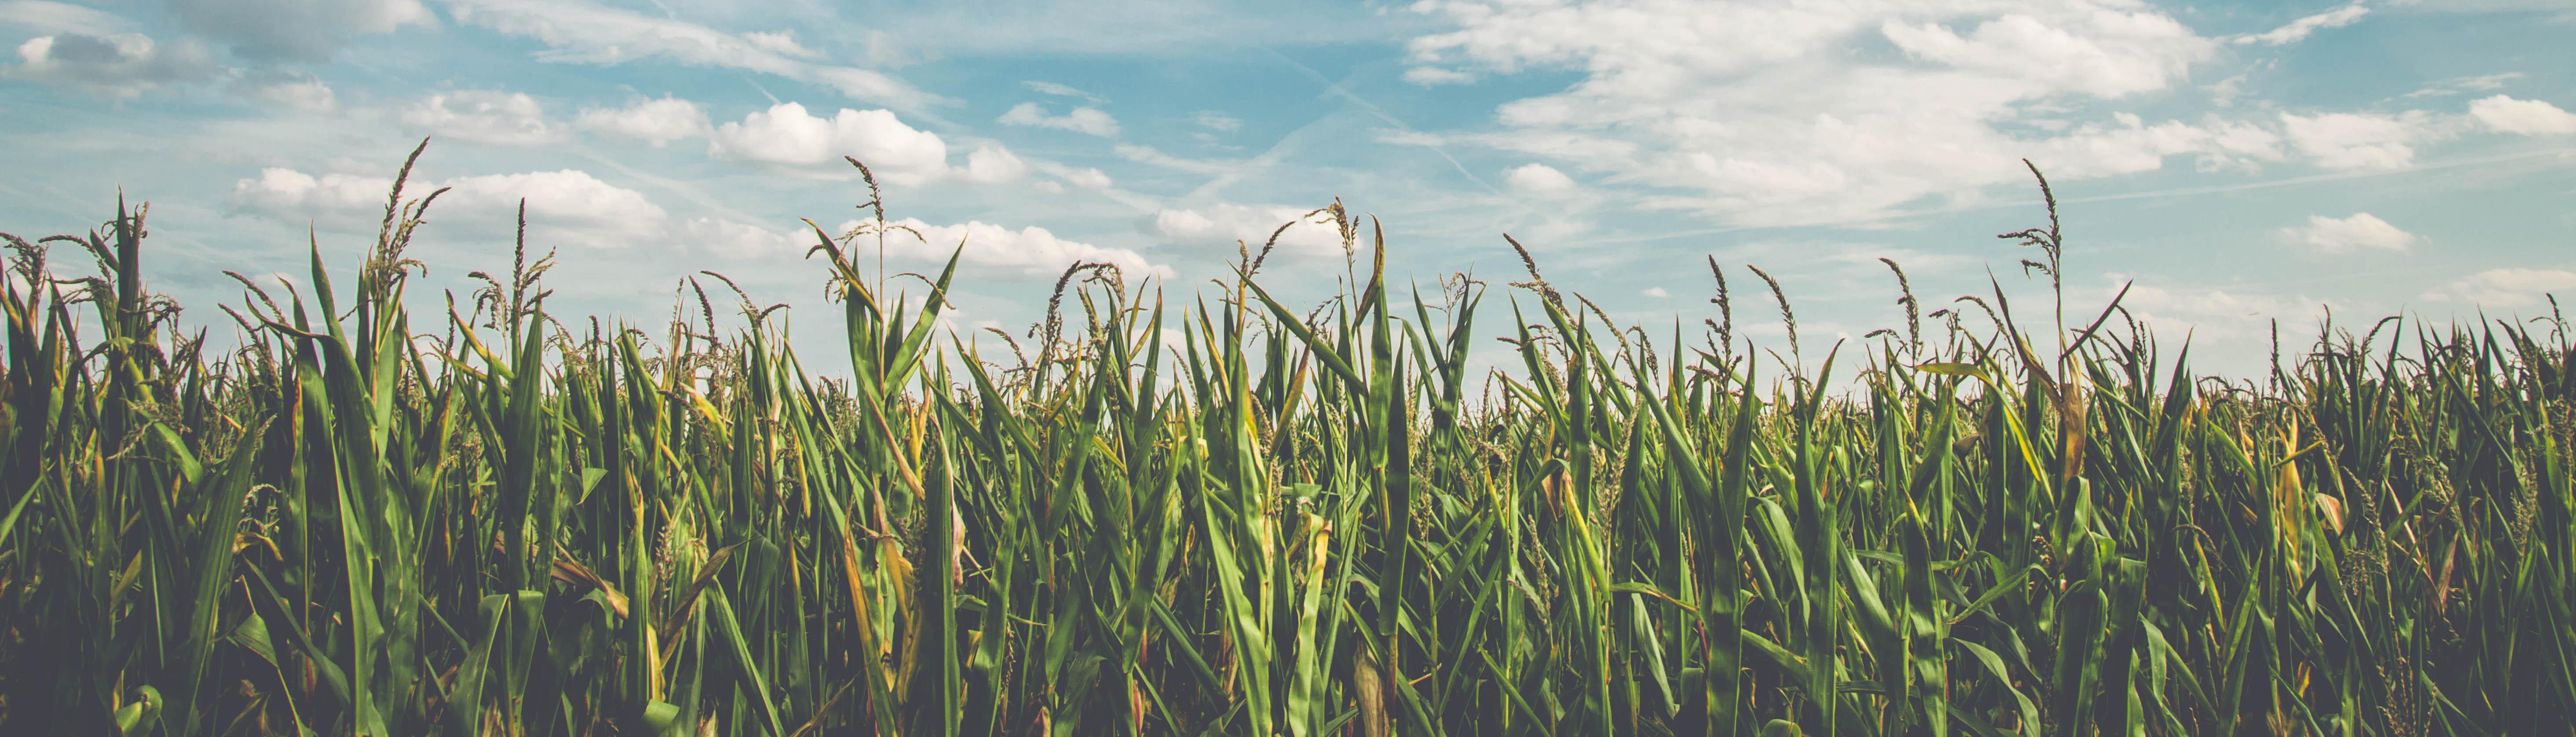 Maïs avant la récolte parallax